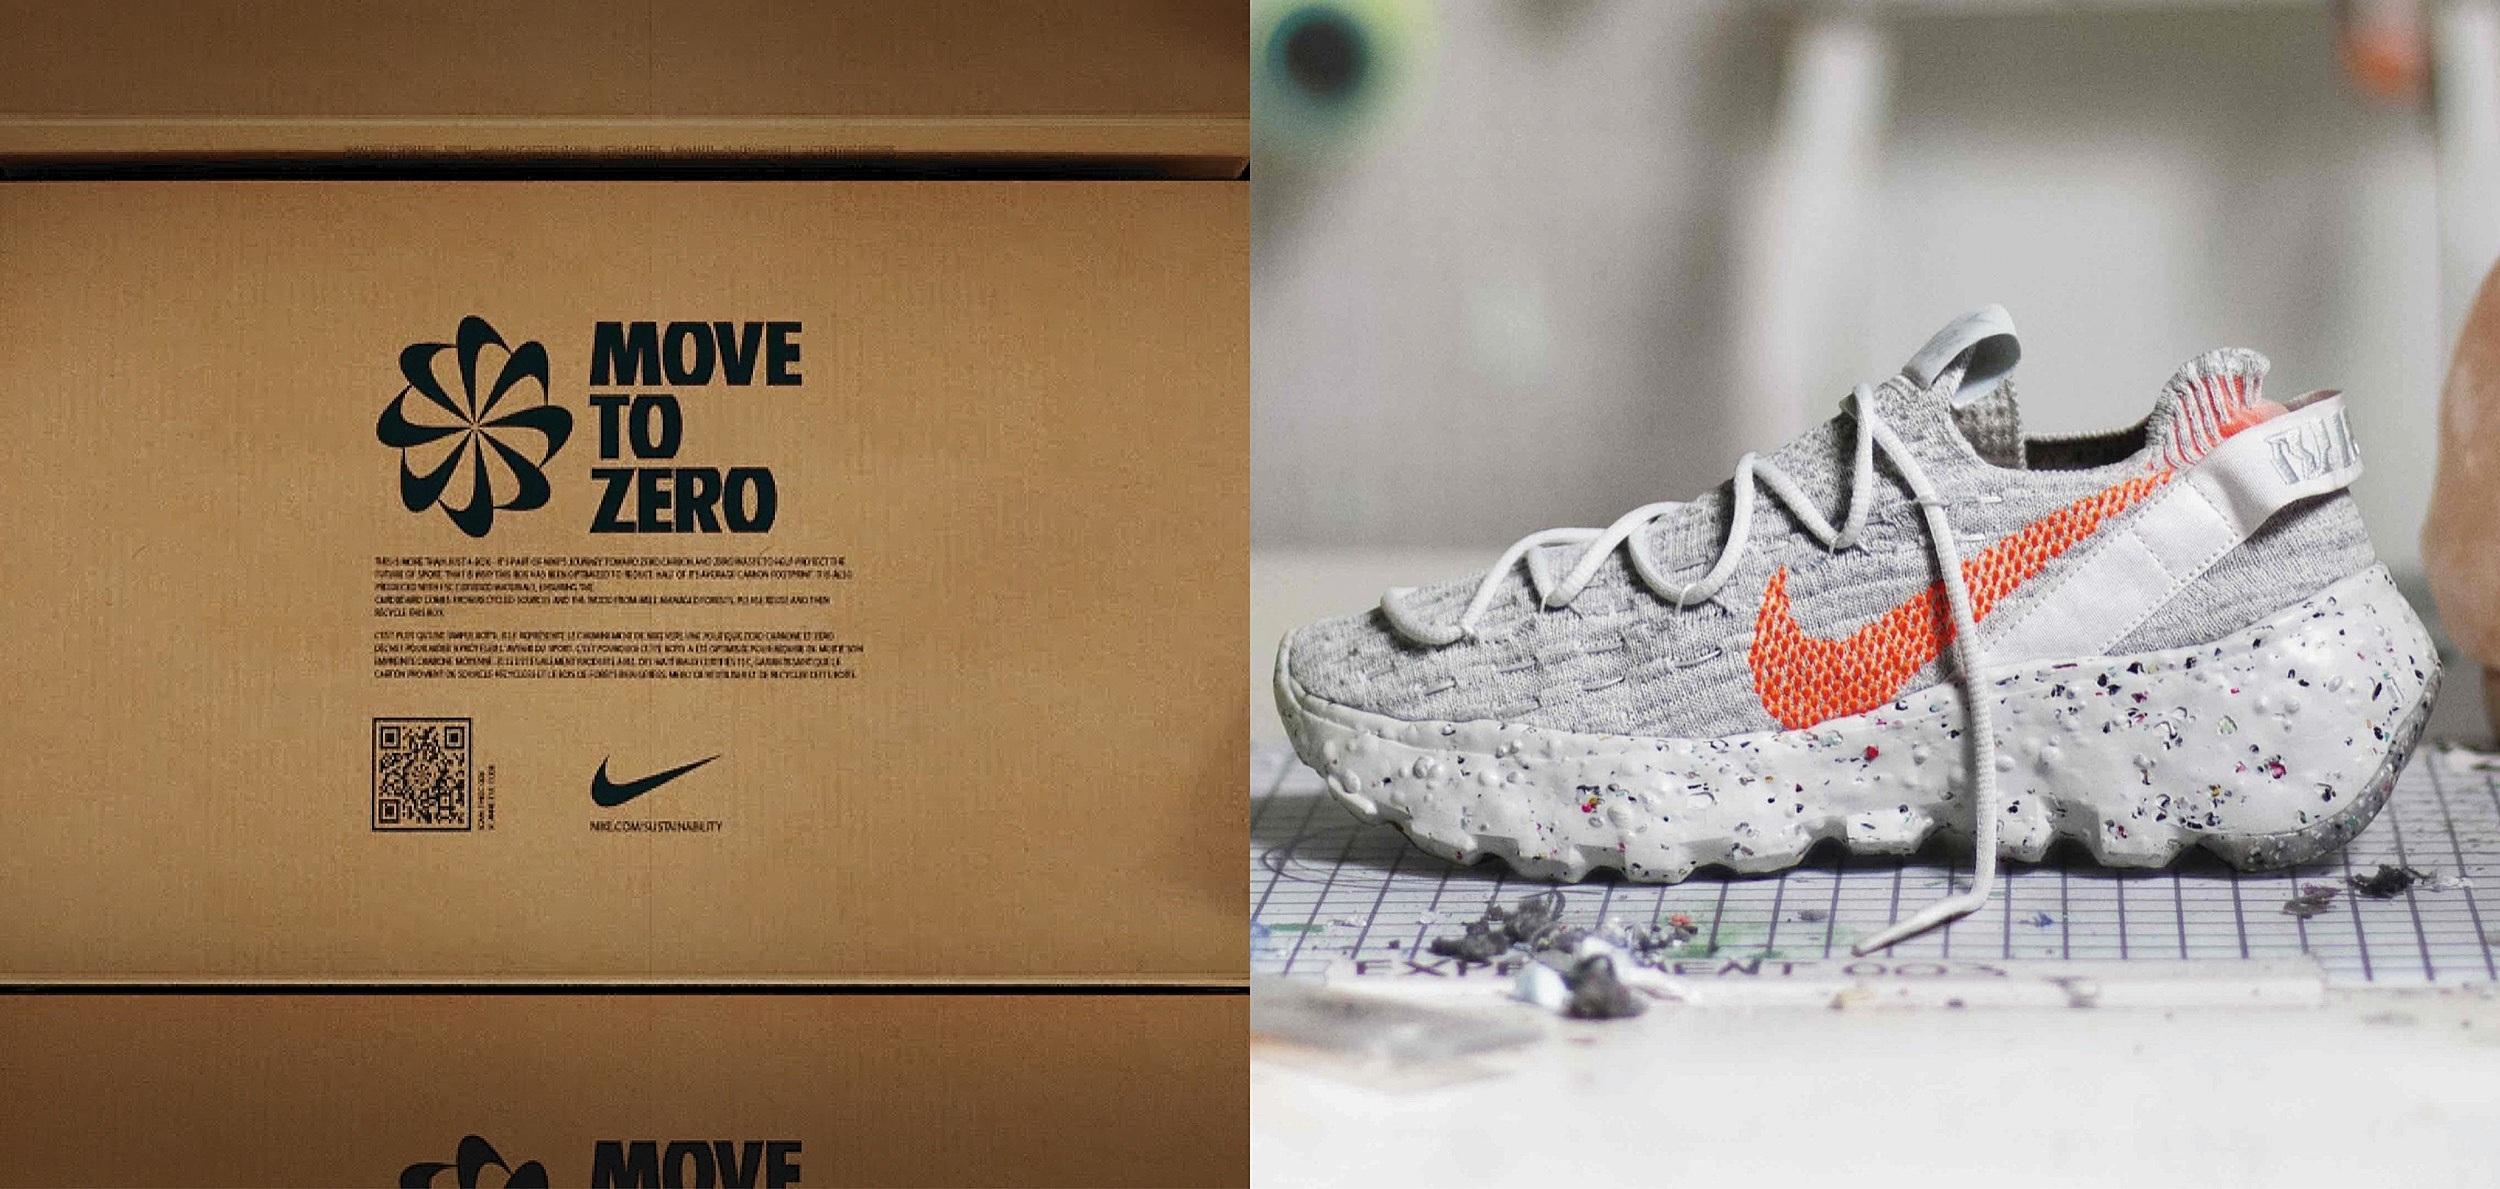 為何 Nike Space Hippie 會被說是資源回收?